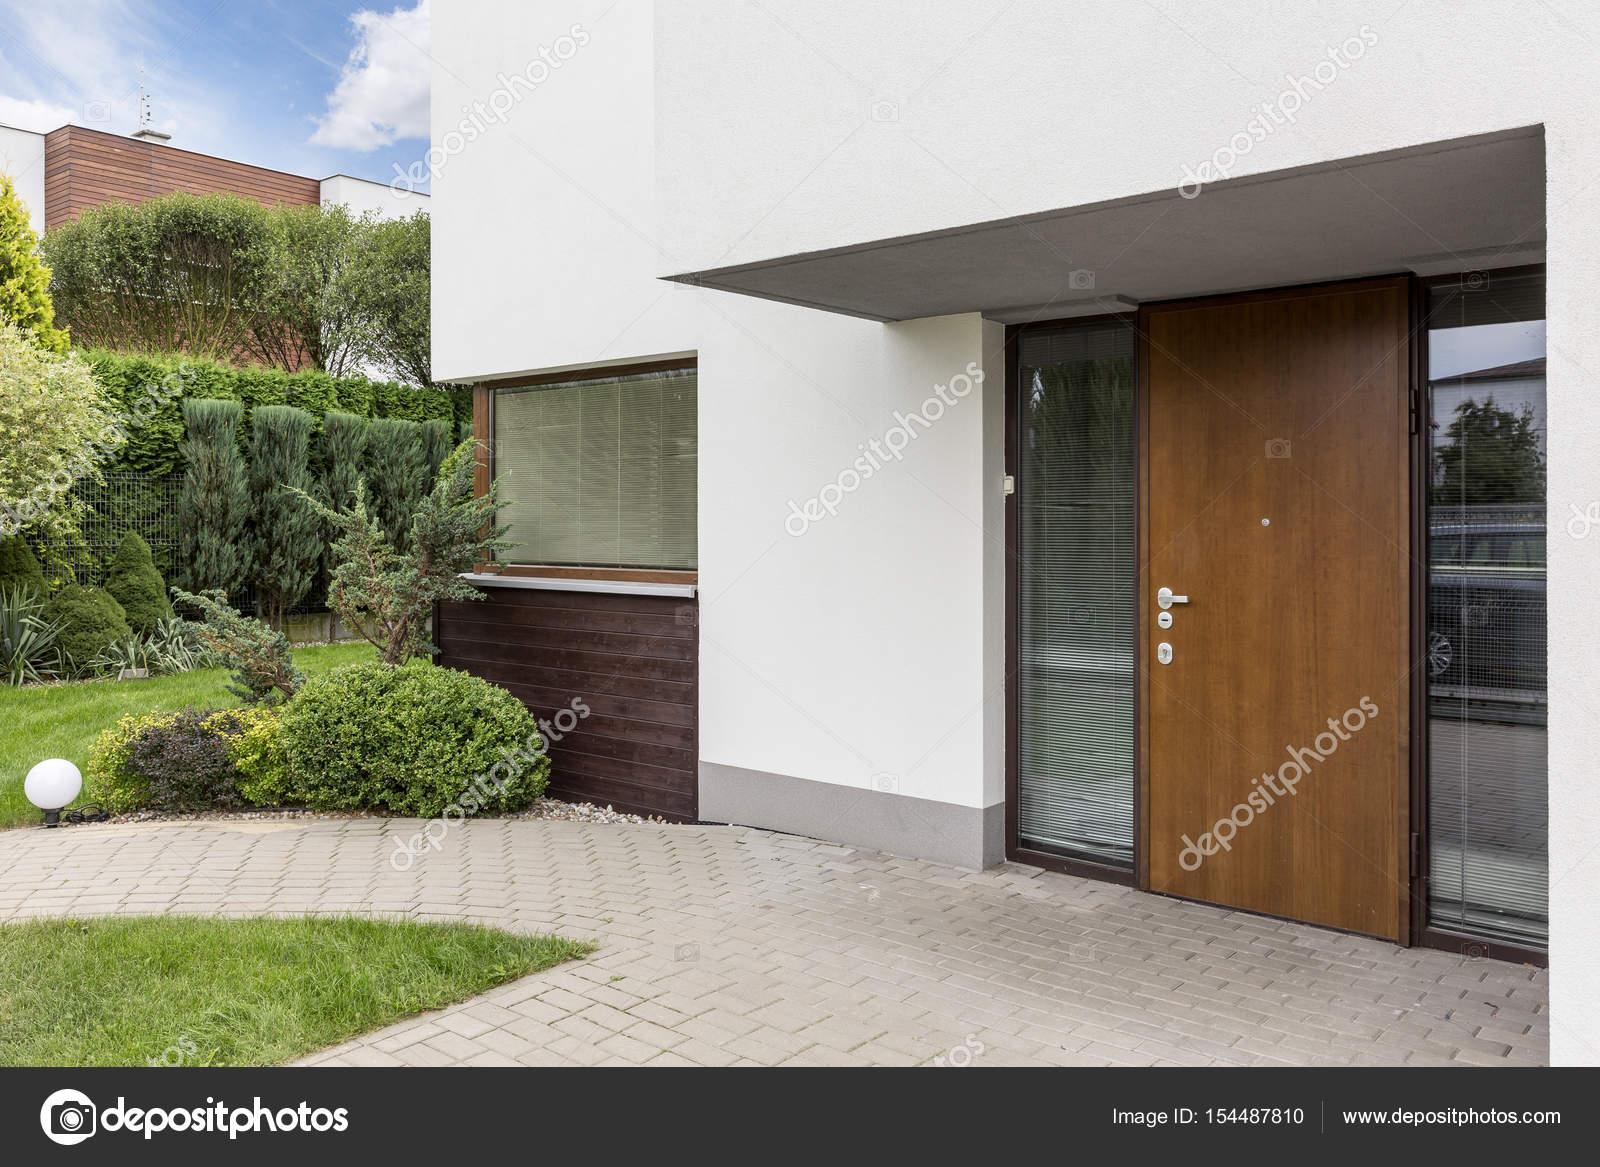 Houten deur naar moderne huis u stockfoto photographee eu